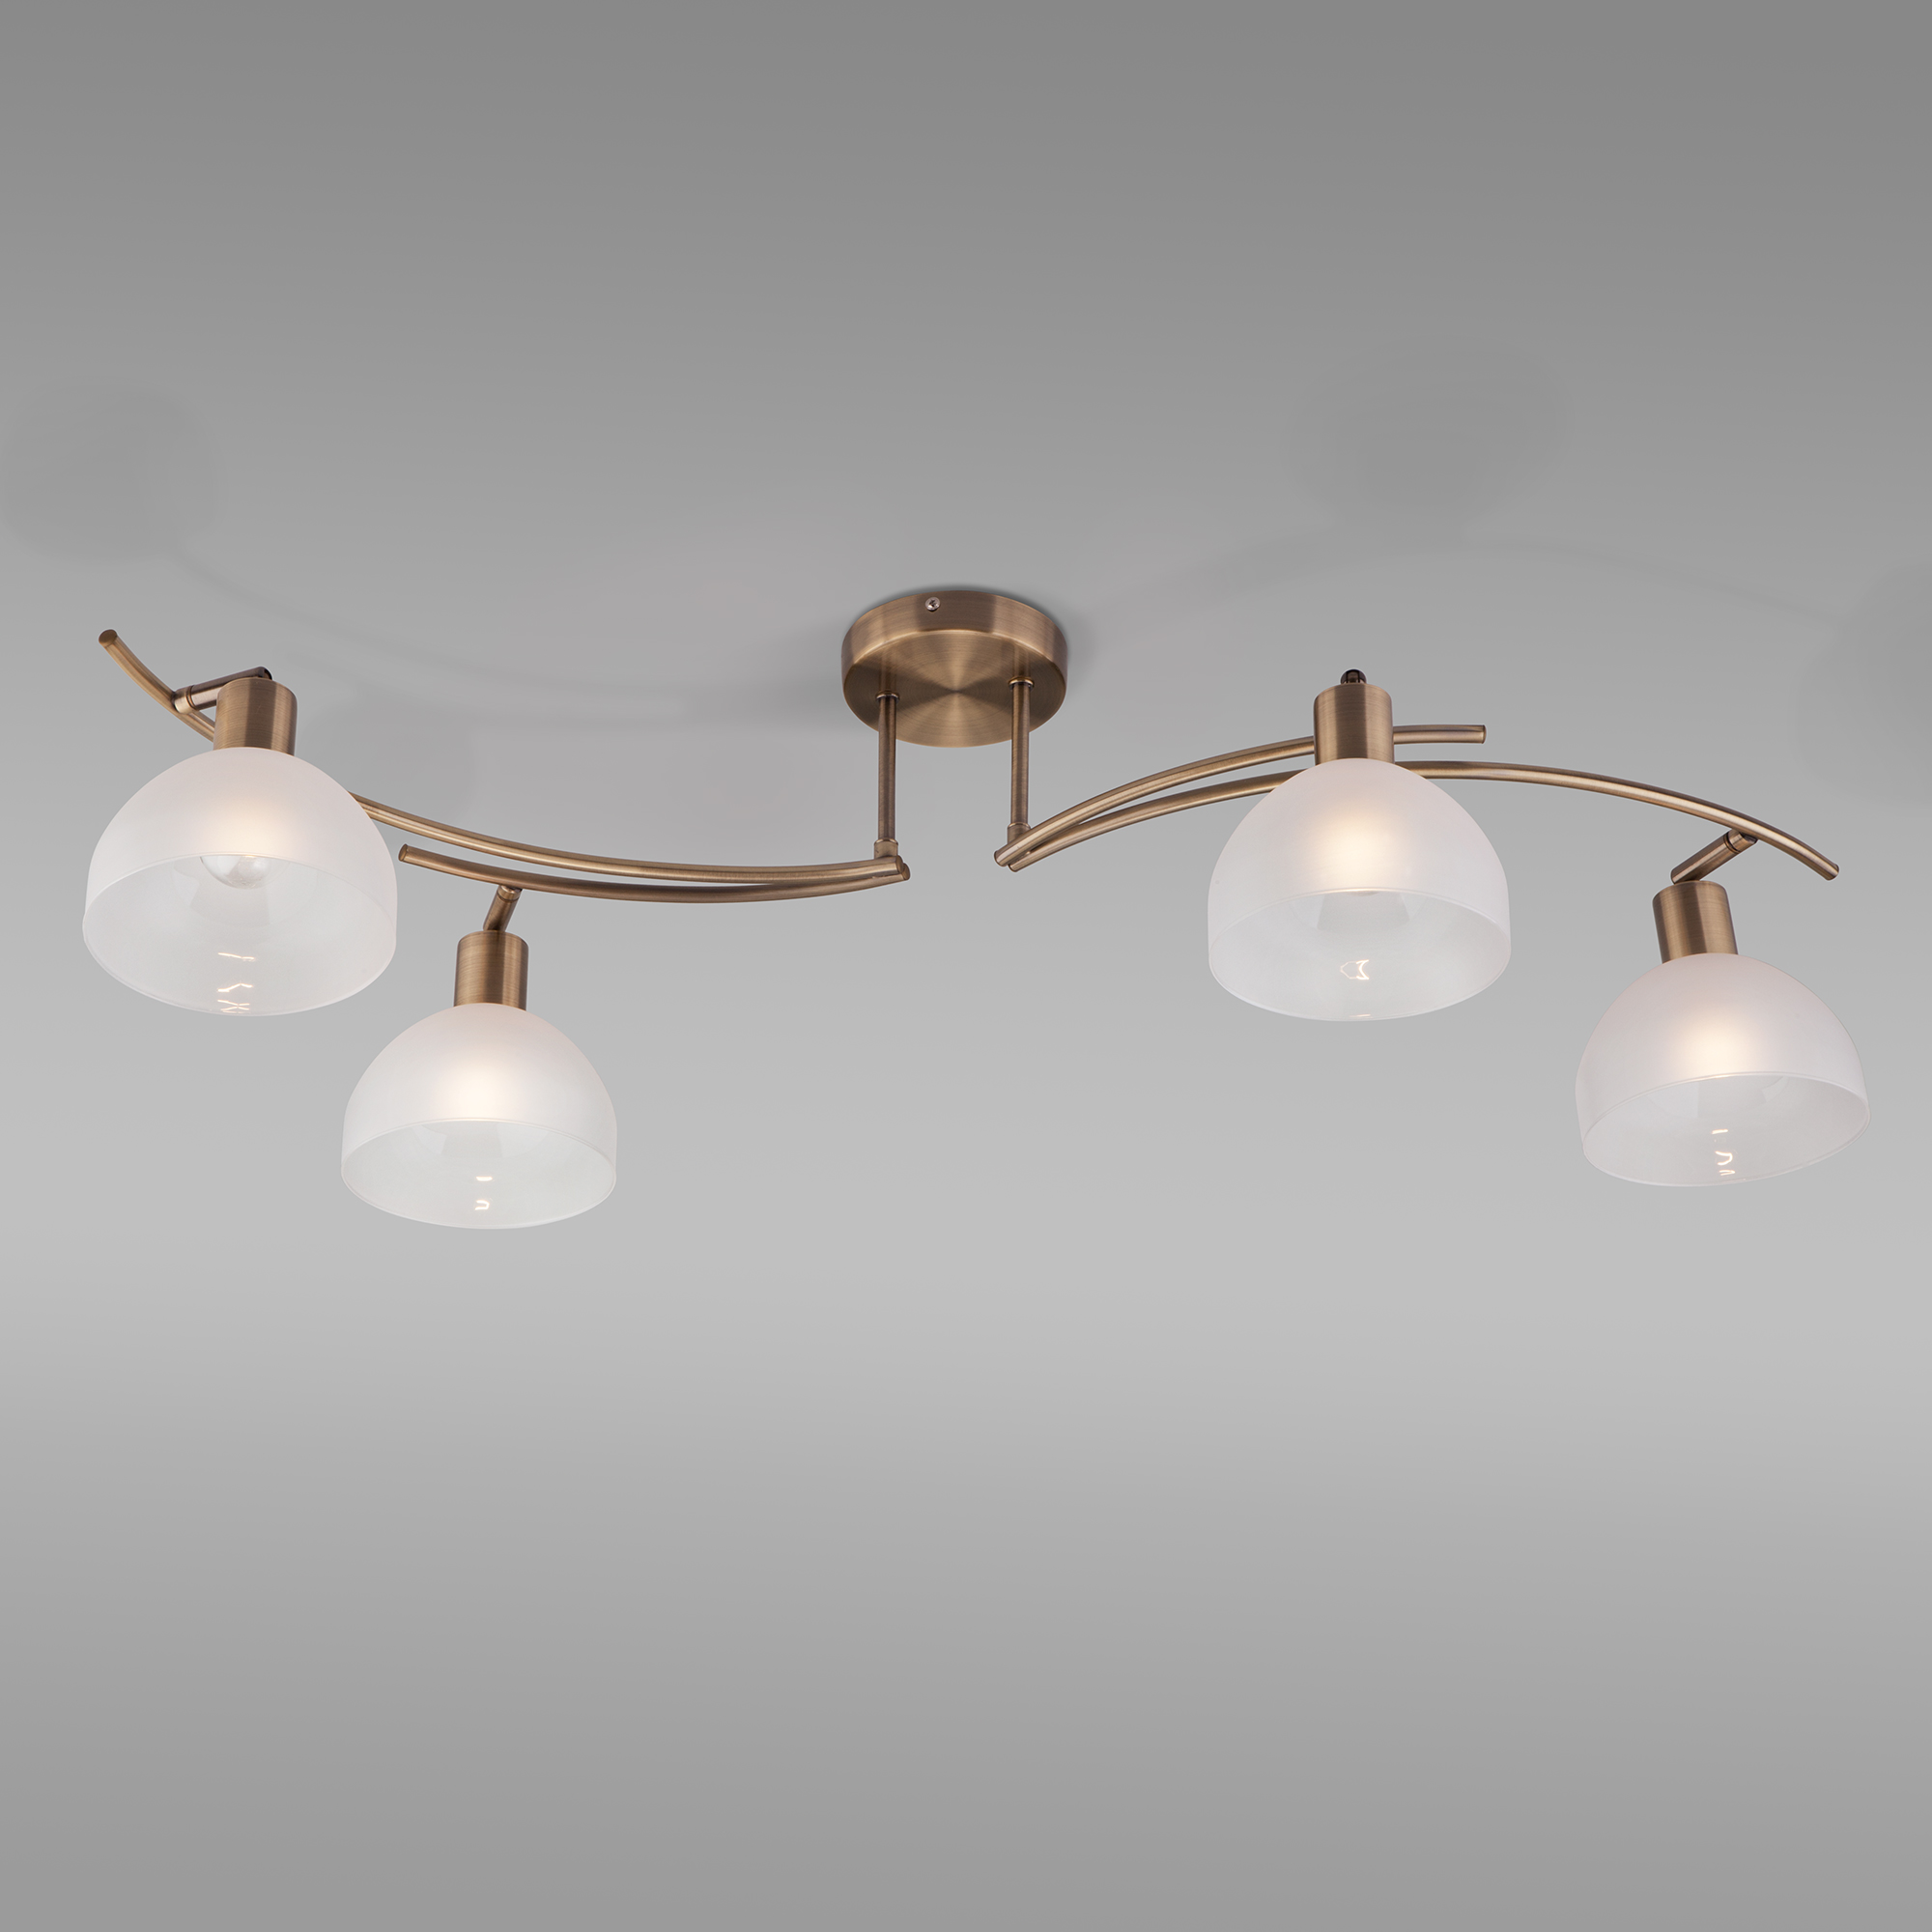 Потолочный светильник со стеклянными плафонами 30141/4 античная бронза